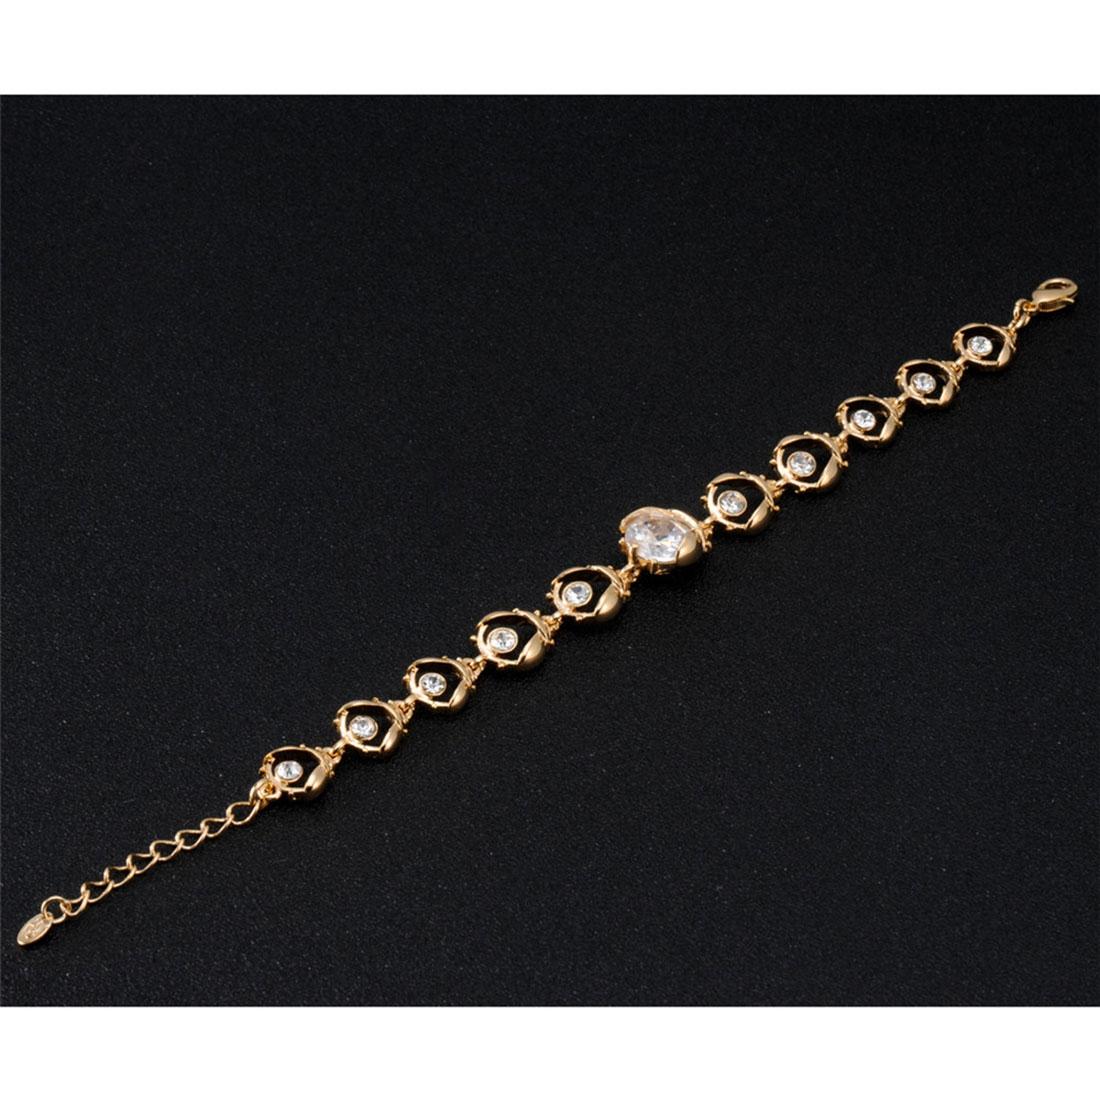 dcccab605c3b Compra Elegante pulsera chapada en oro con diamantes de imitación ...